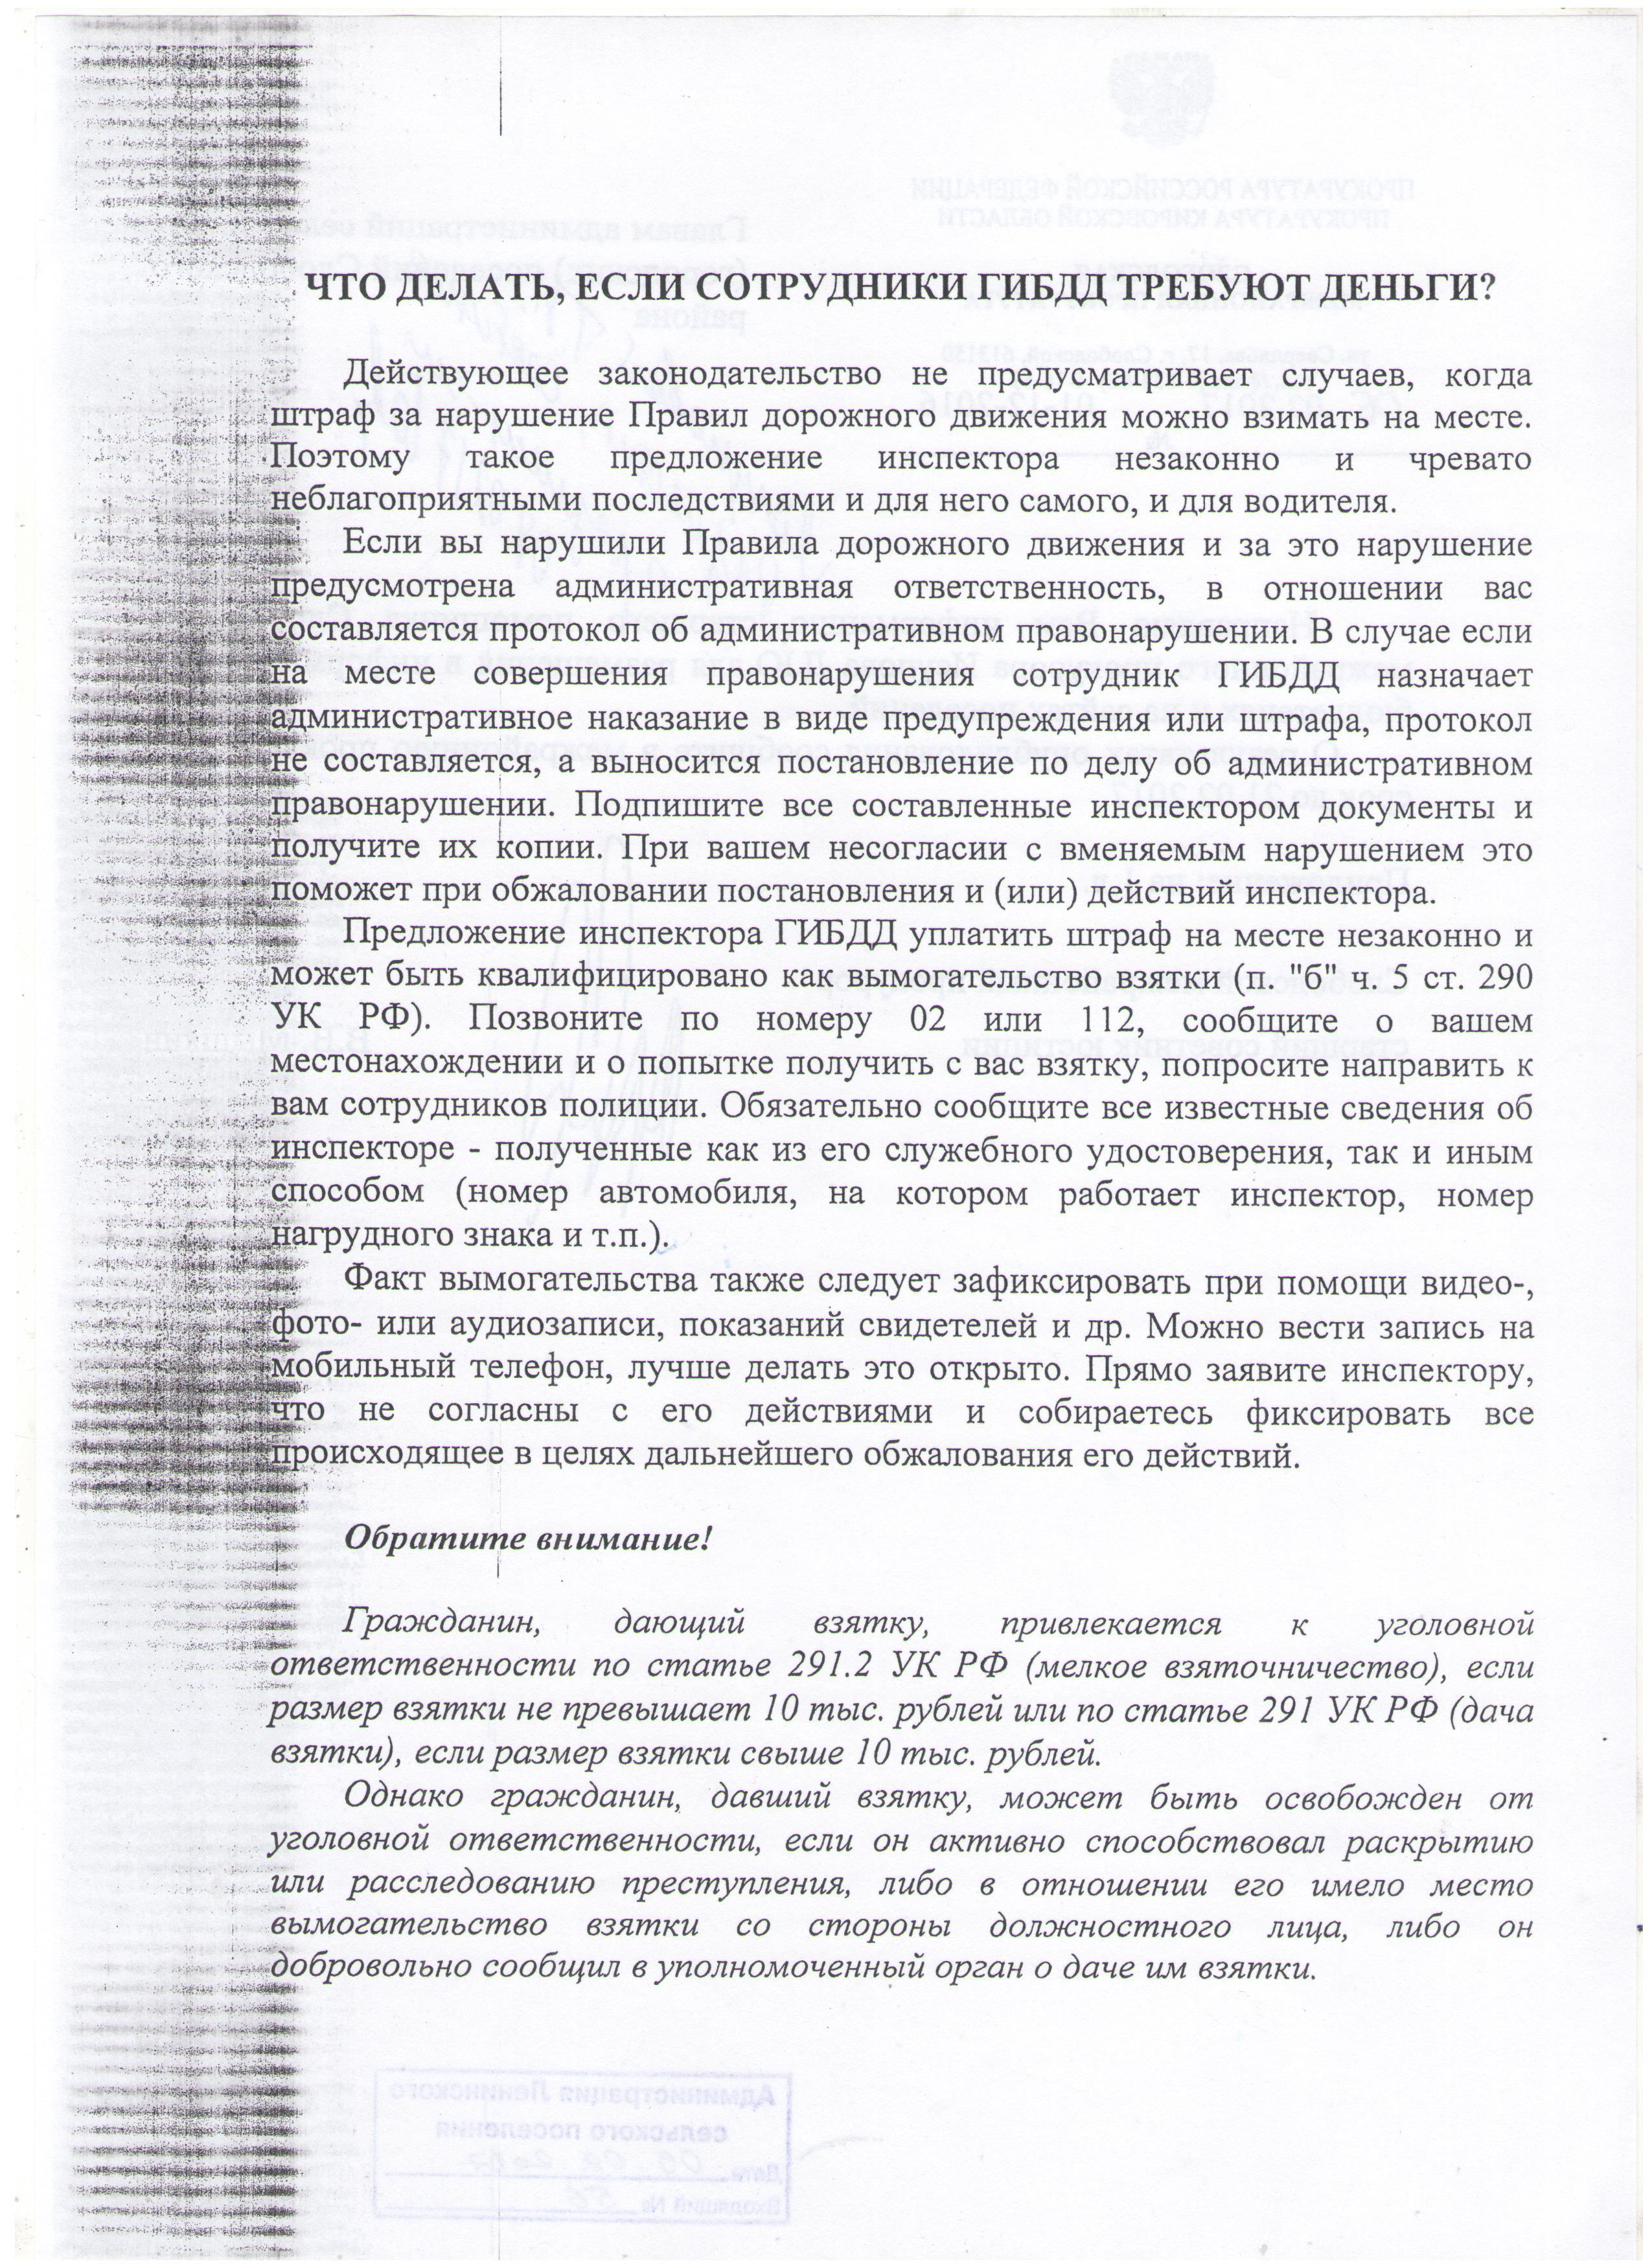 Статья прокуратуры Что делать, если сотрудники ГИБДД требуют деньги